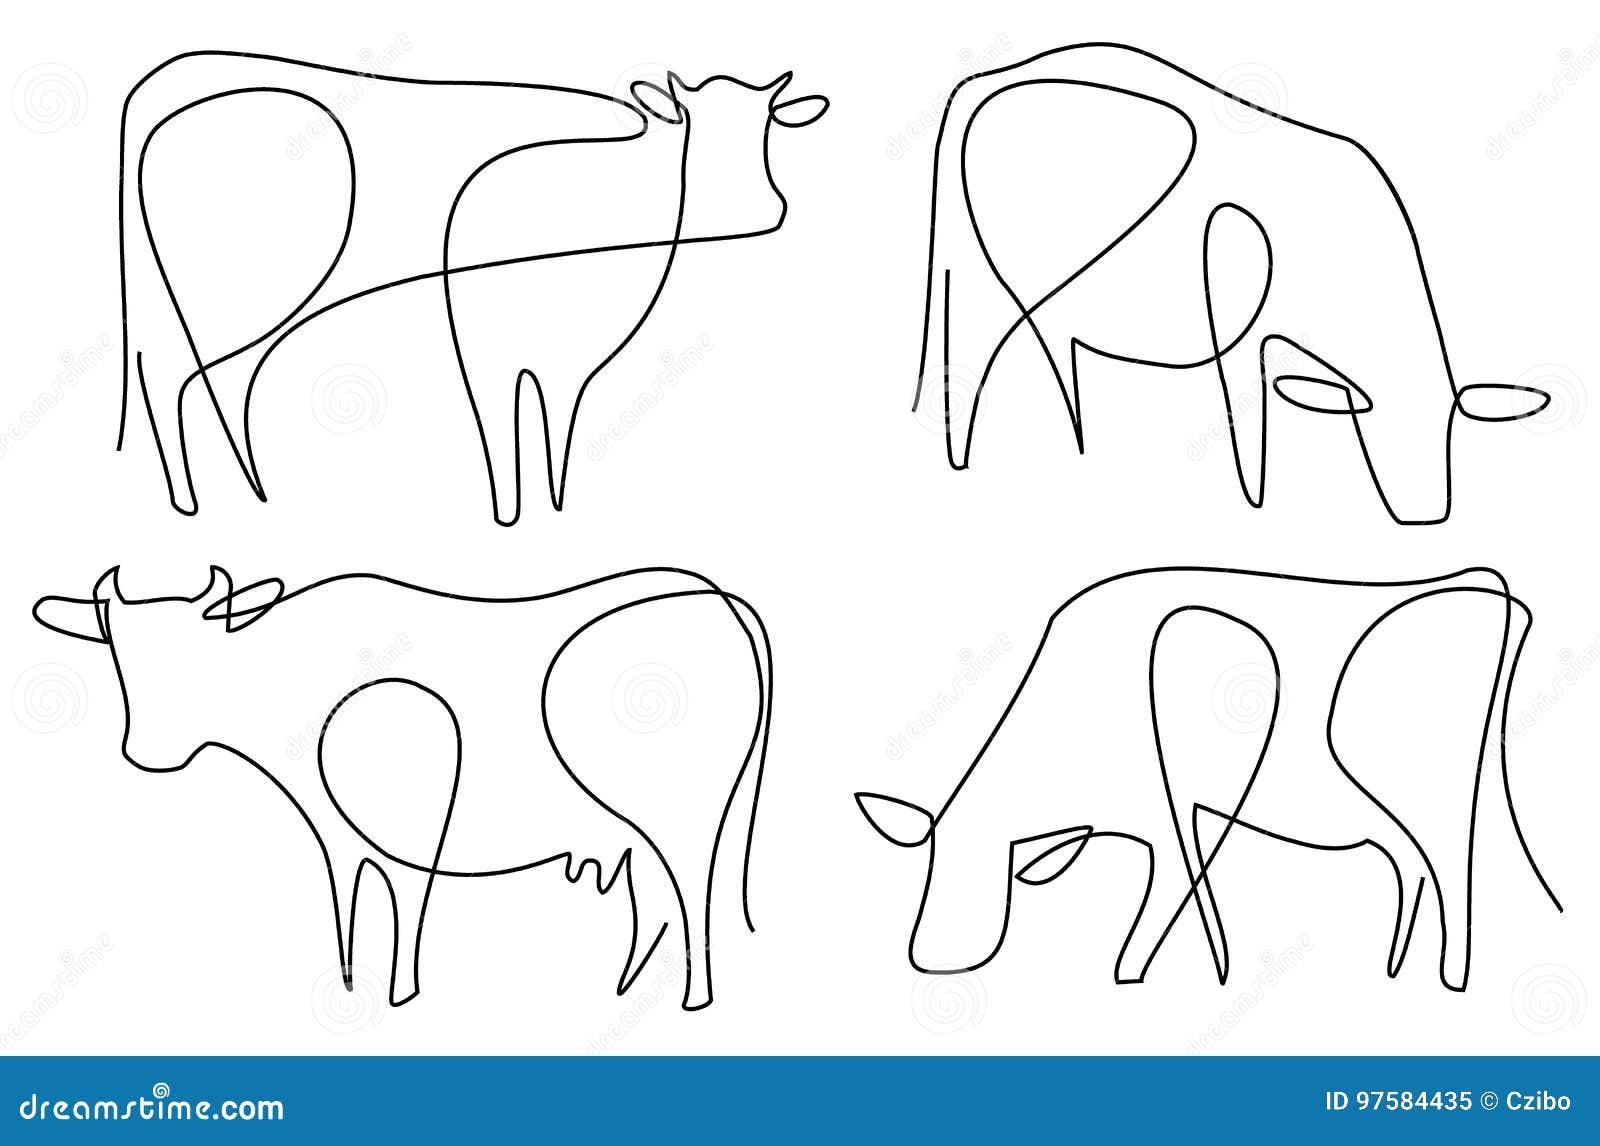 Dessin au trait vache une illustration de vecteur for Dessin minimaliste